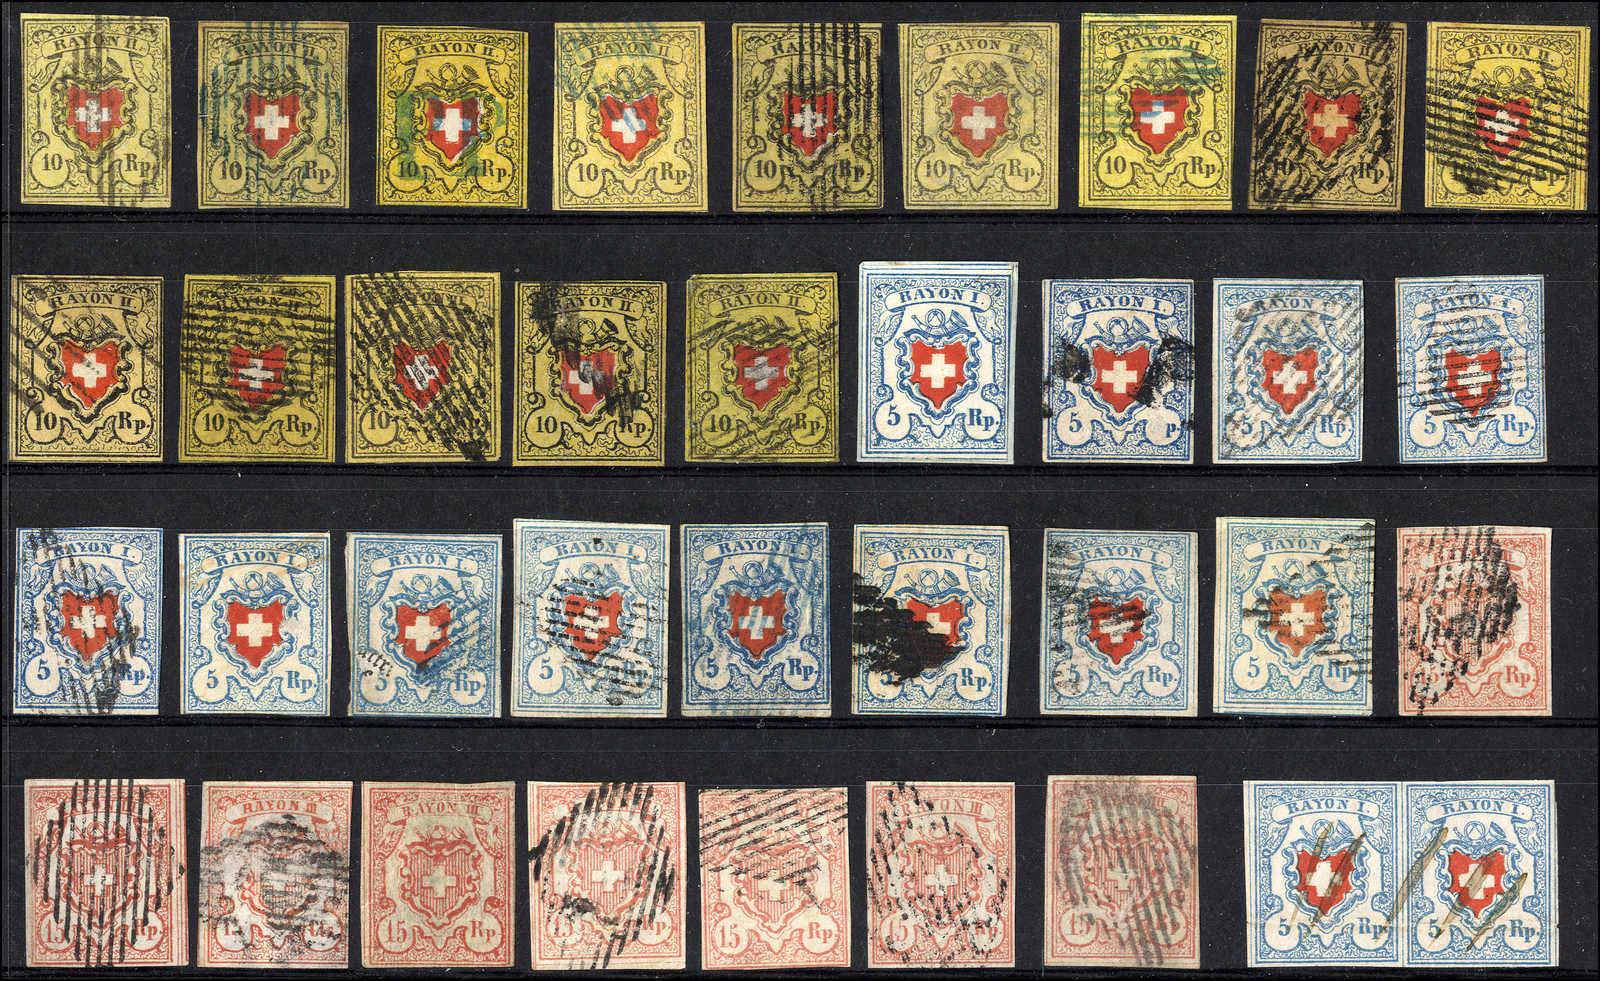 Lot 22 - sammlungen und posten sammlungen und posten altschweiz -  Rolli Auctions Auction #68 Day 1